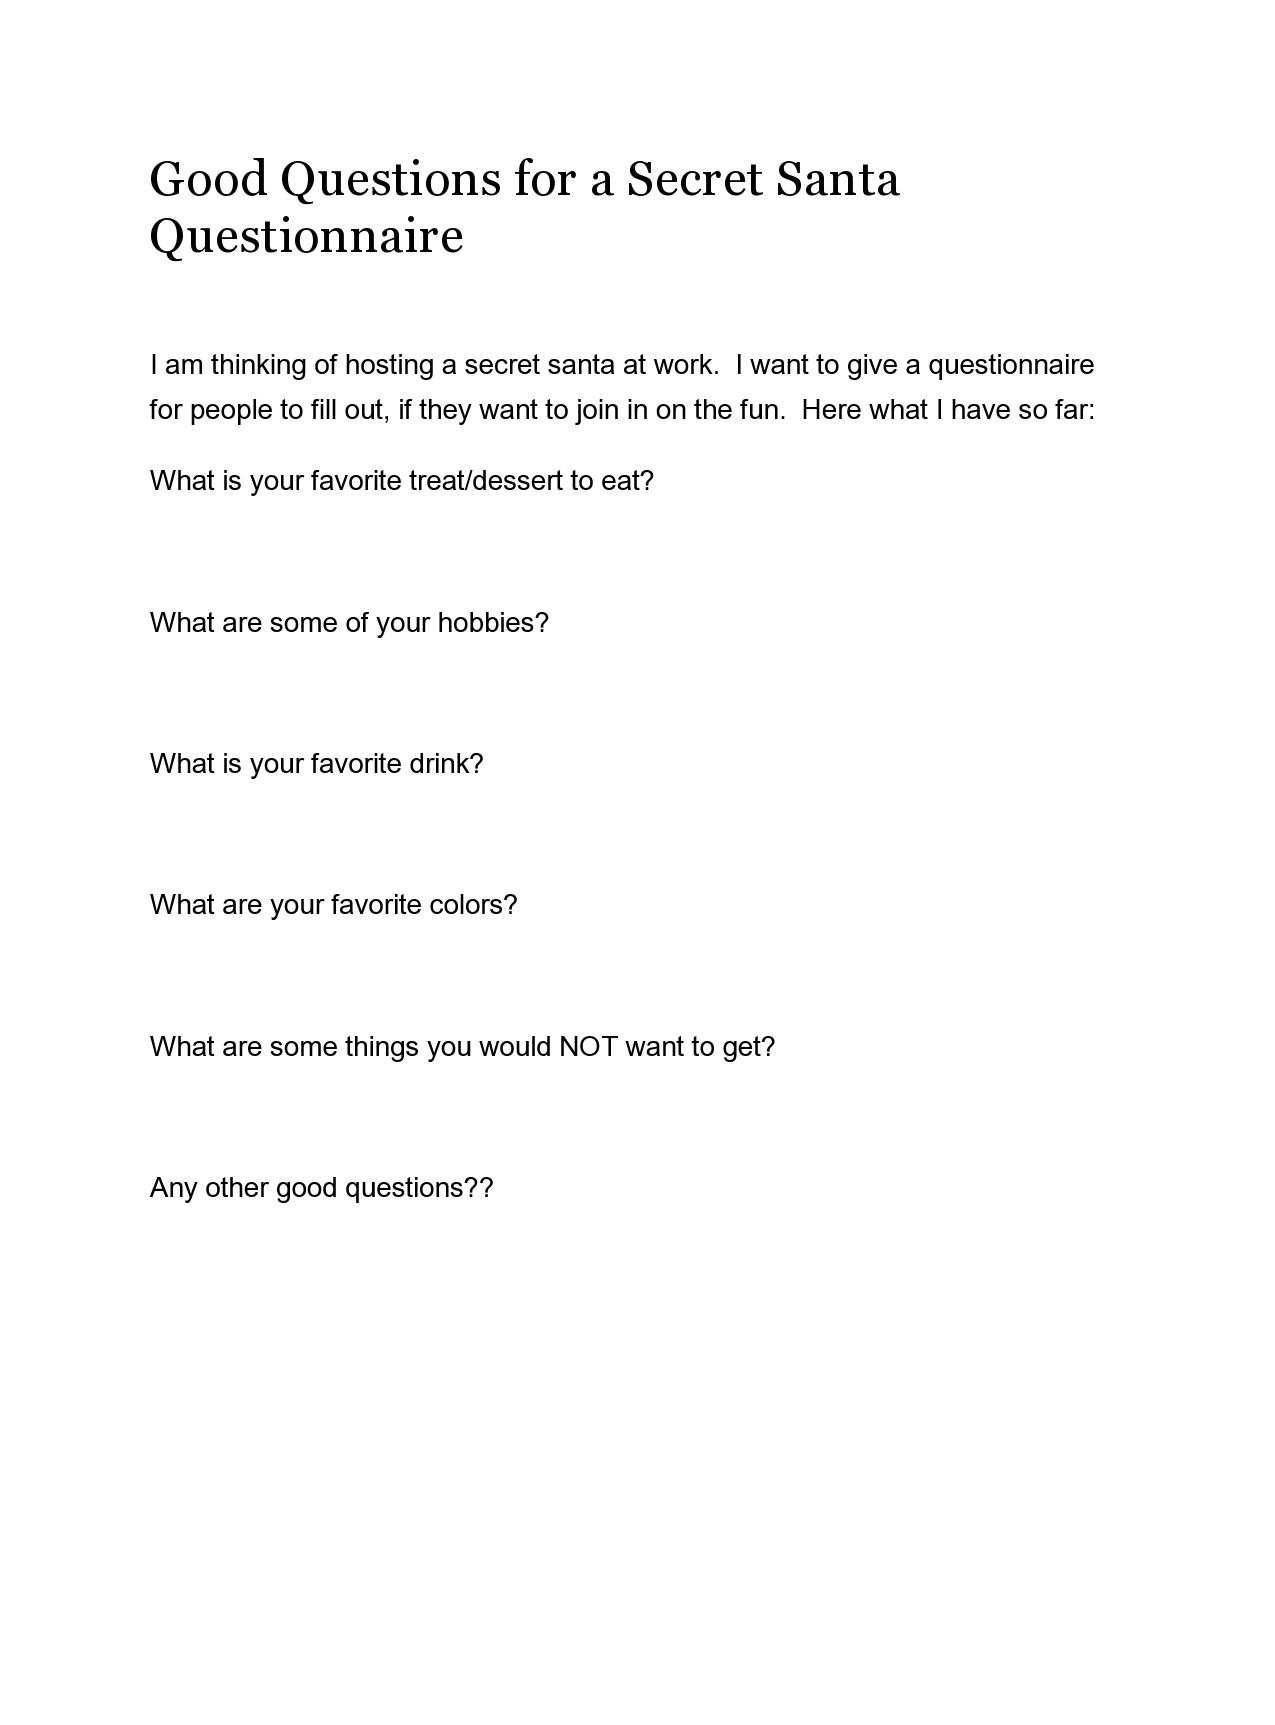 Free secret santa questionnaire 04